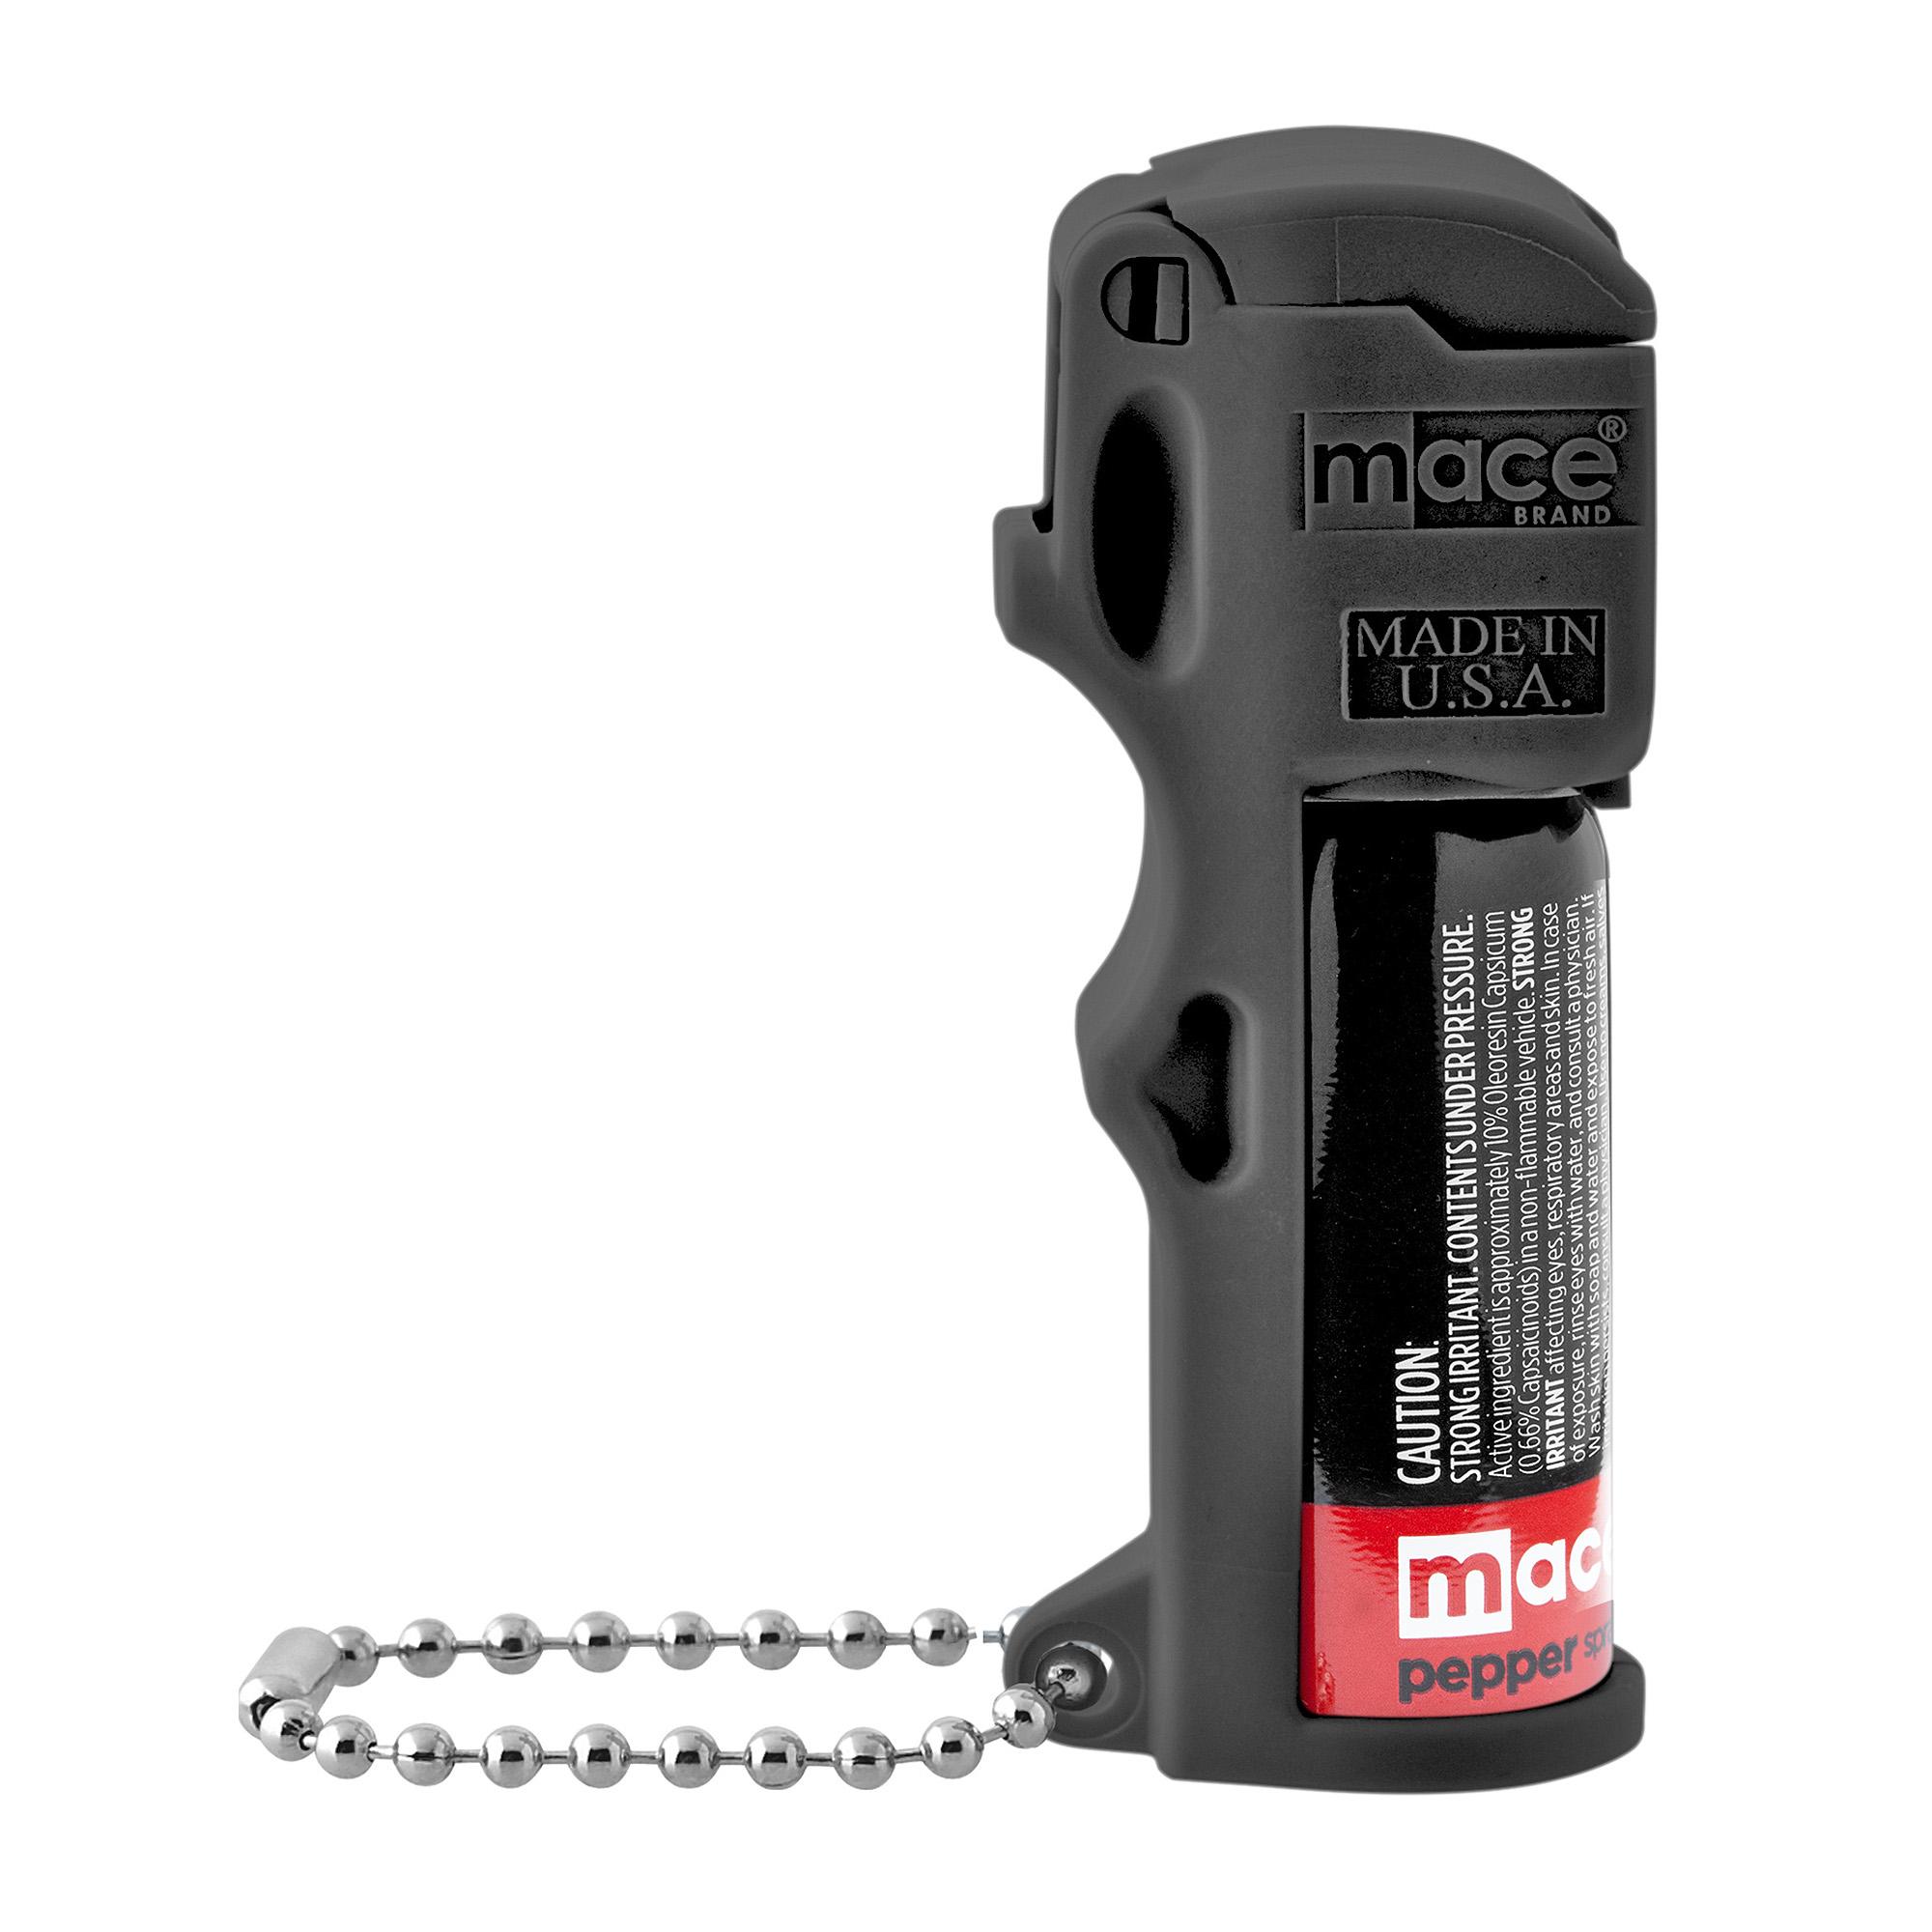 Msi Peppergard Pocket Model 11gm